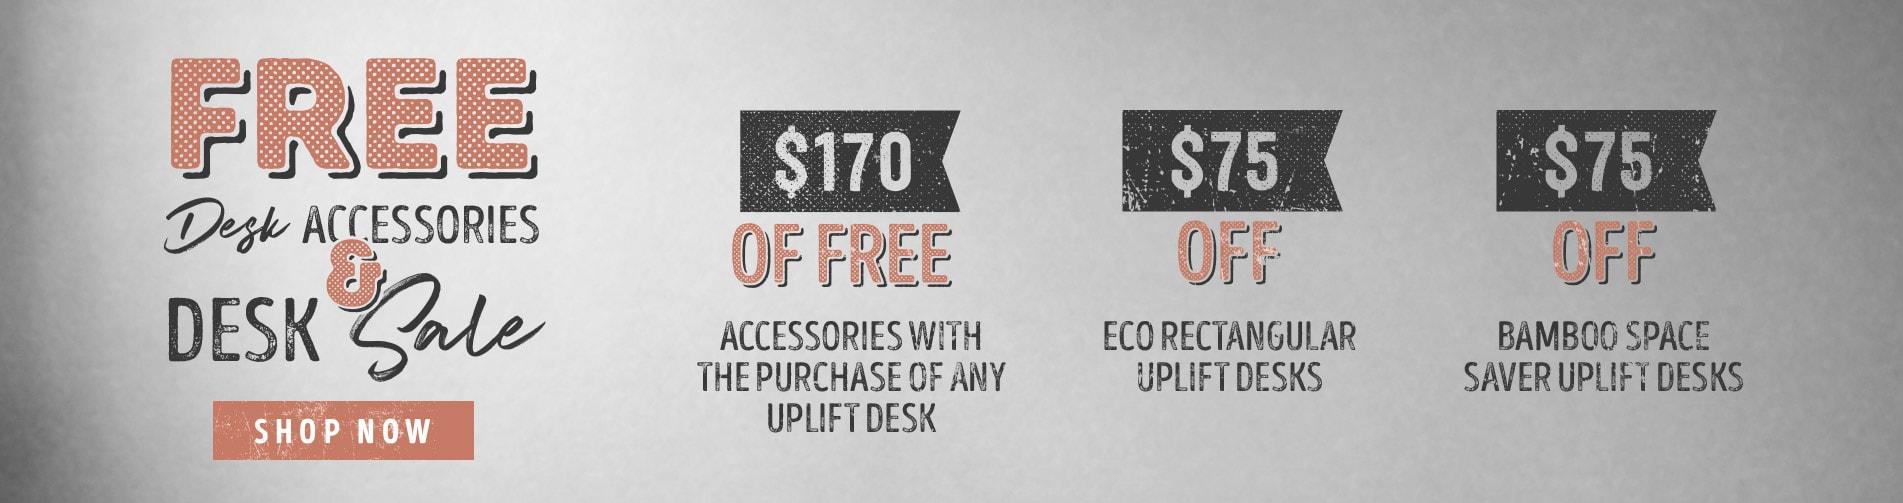 Free Desk Accessories and Desk Sale